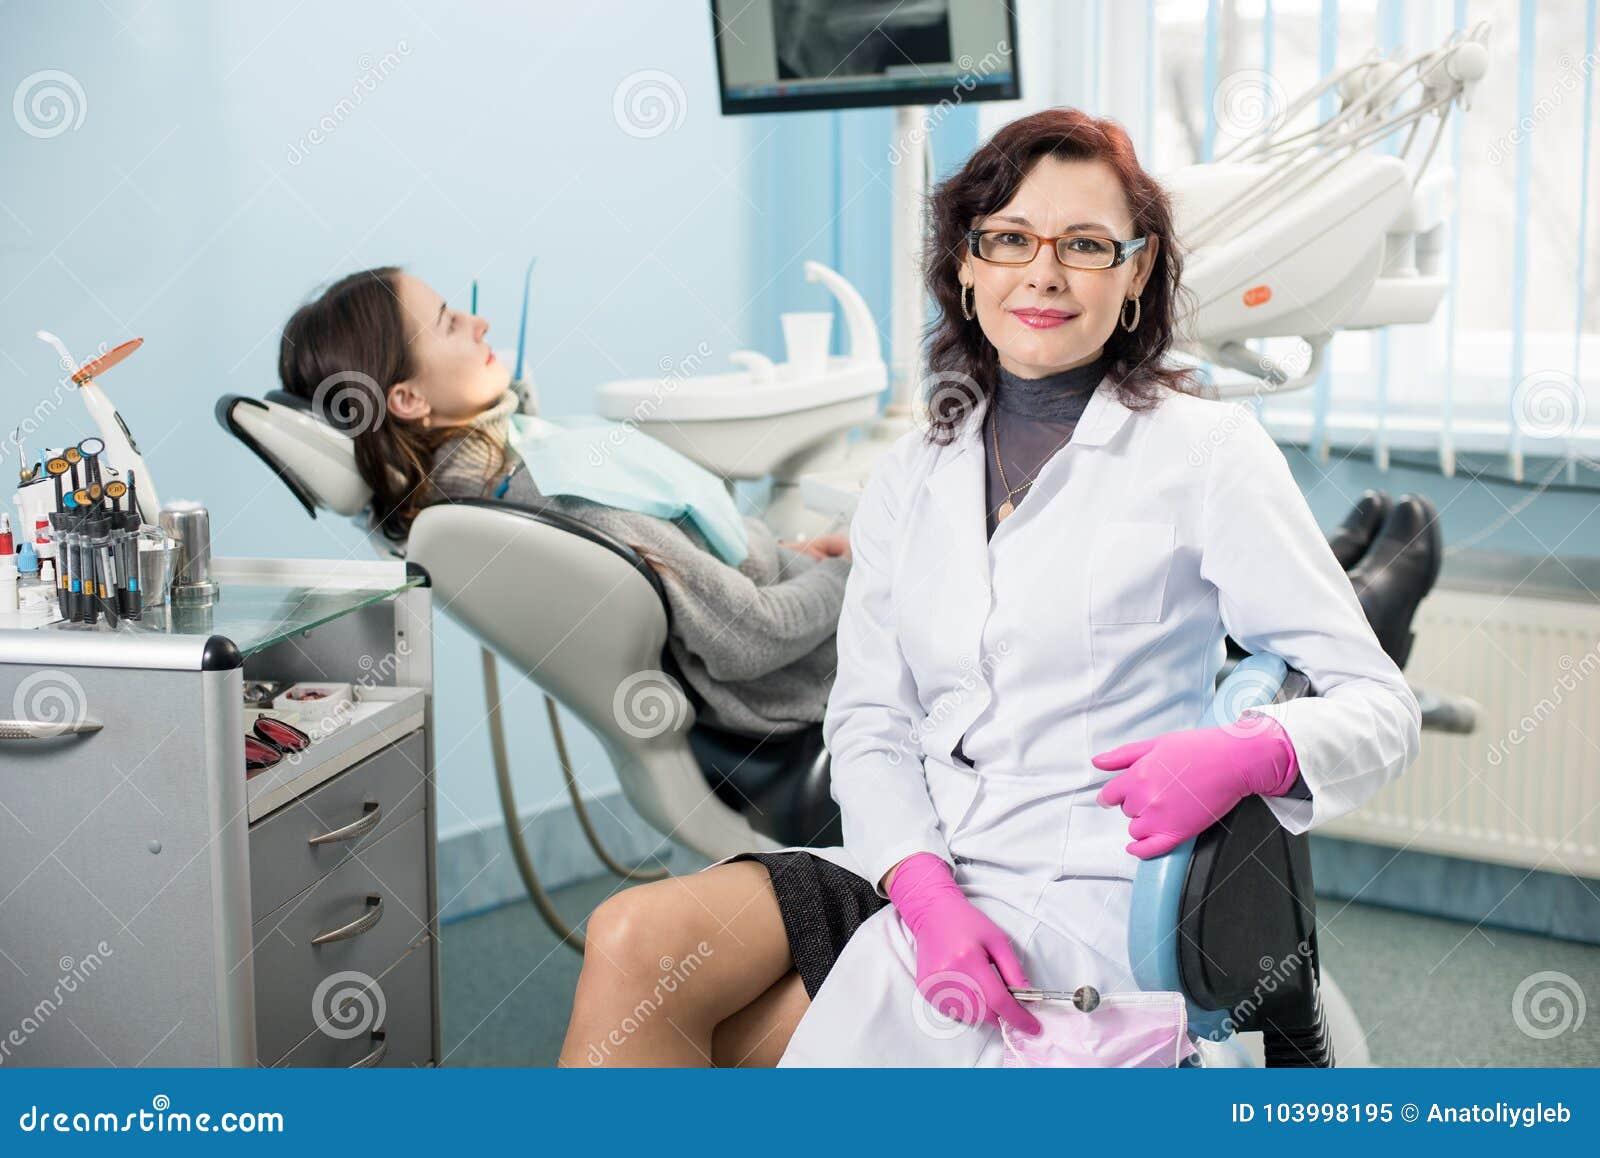 Retrato do dentista fêmea amigável com o paciente da mulher na cadeira na clínica dental